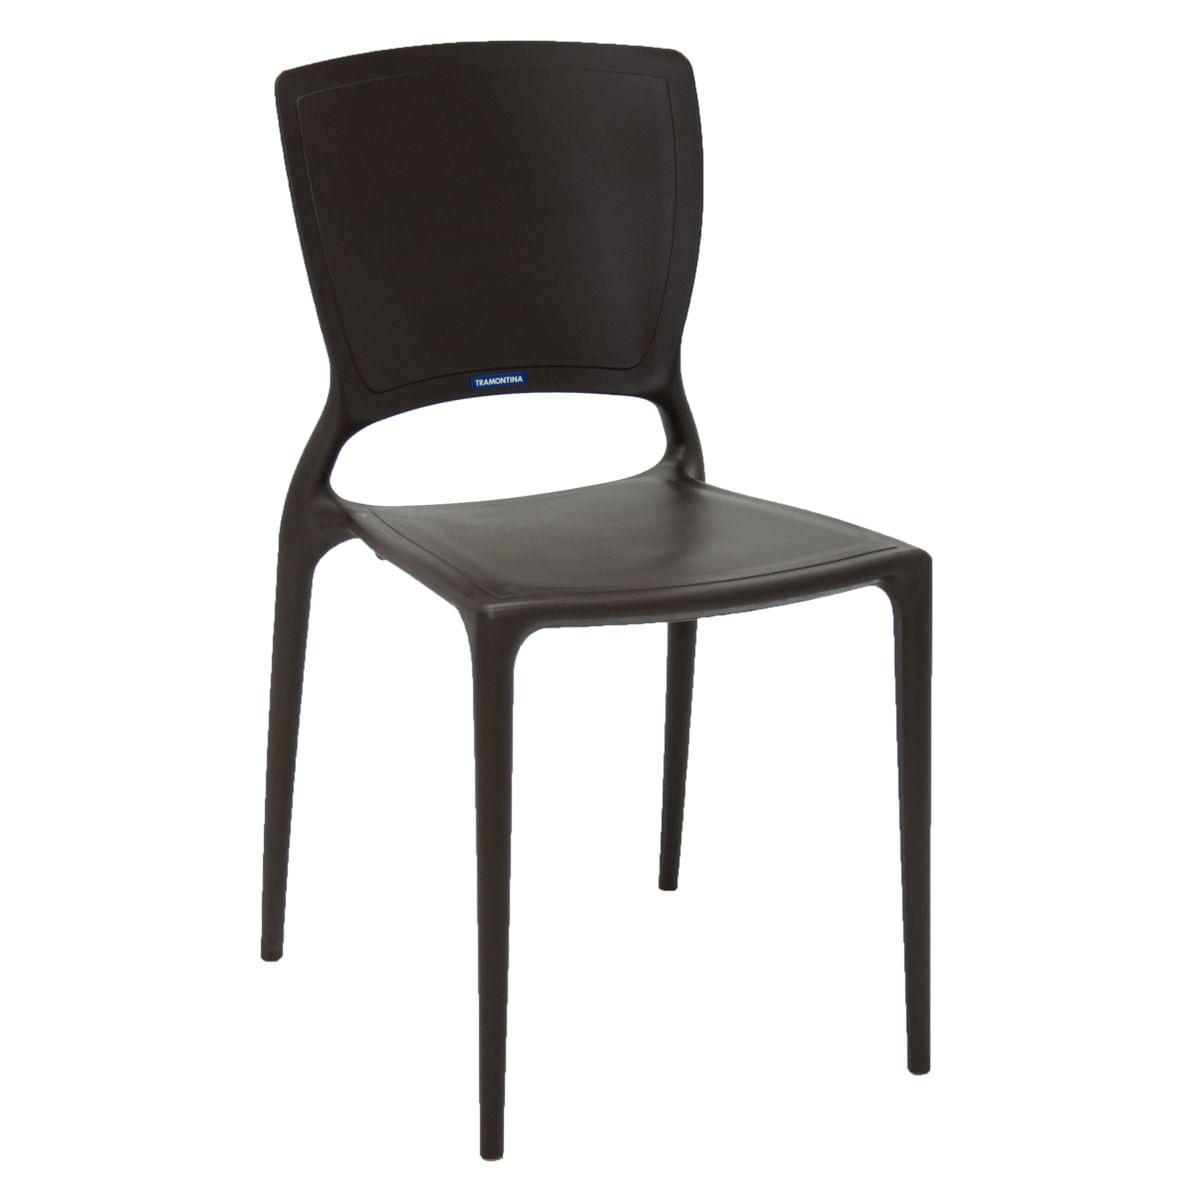 Cadeira Tramontina Sofia Marrom com Encosto Fechado em Polipropileno e Fibra de Vidro